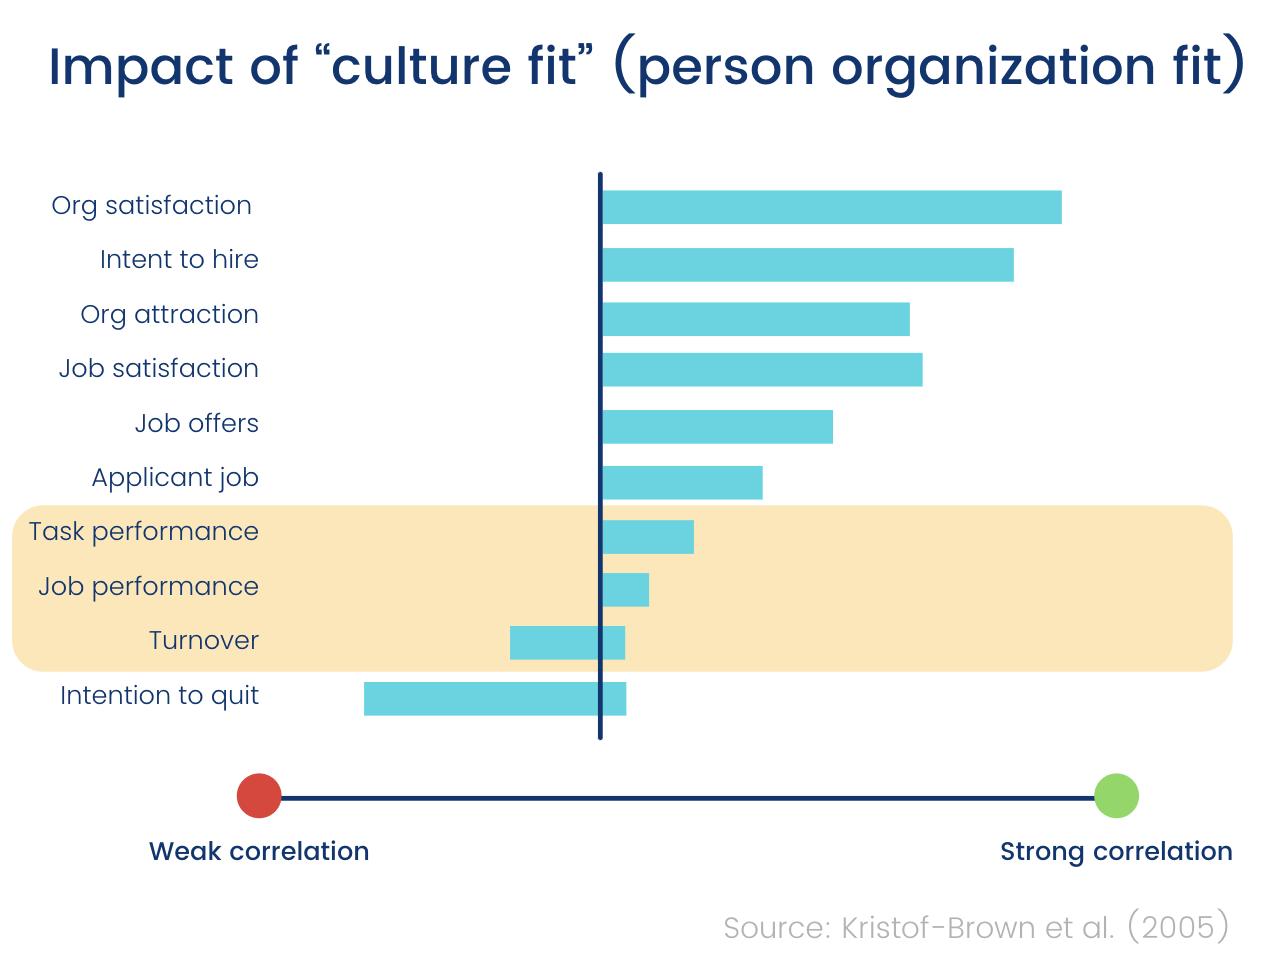 Culture ft ivs job performance chart